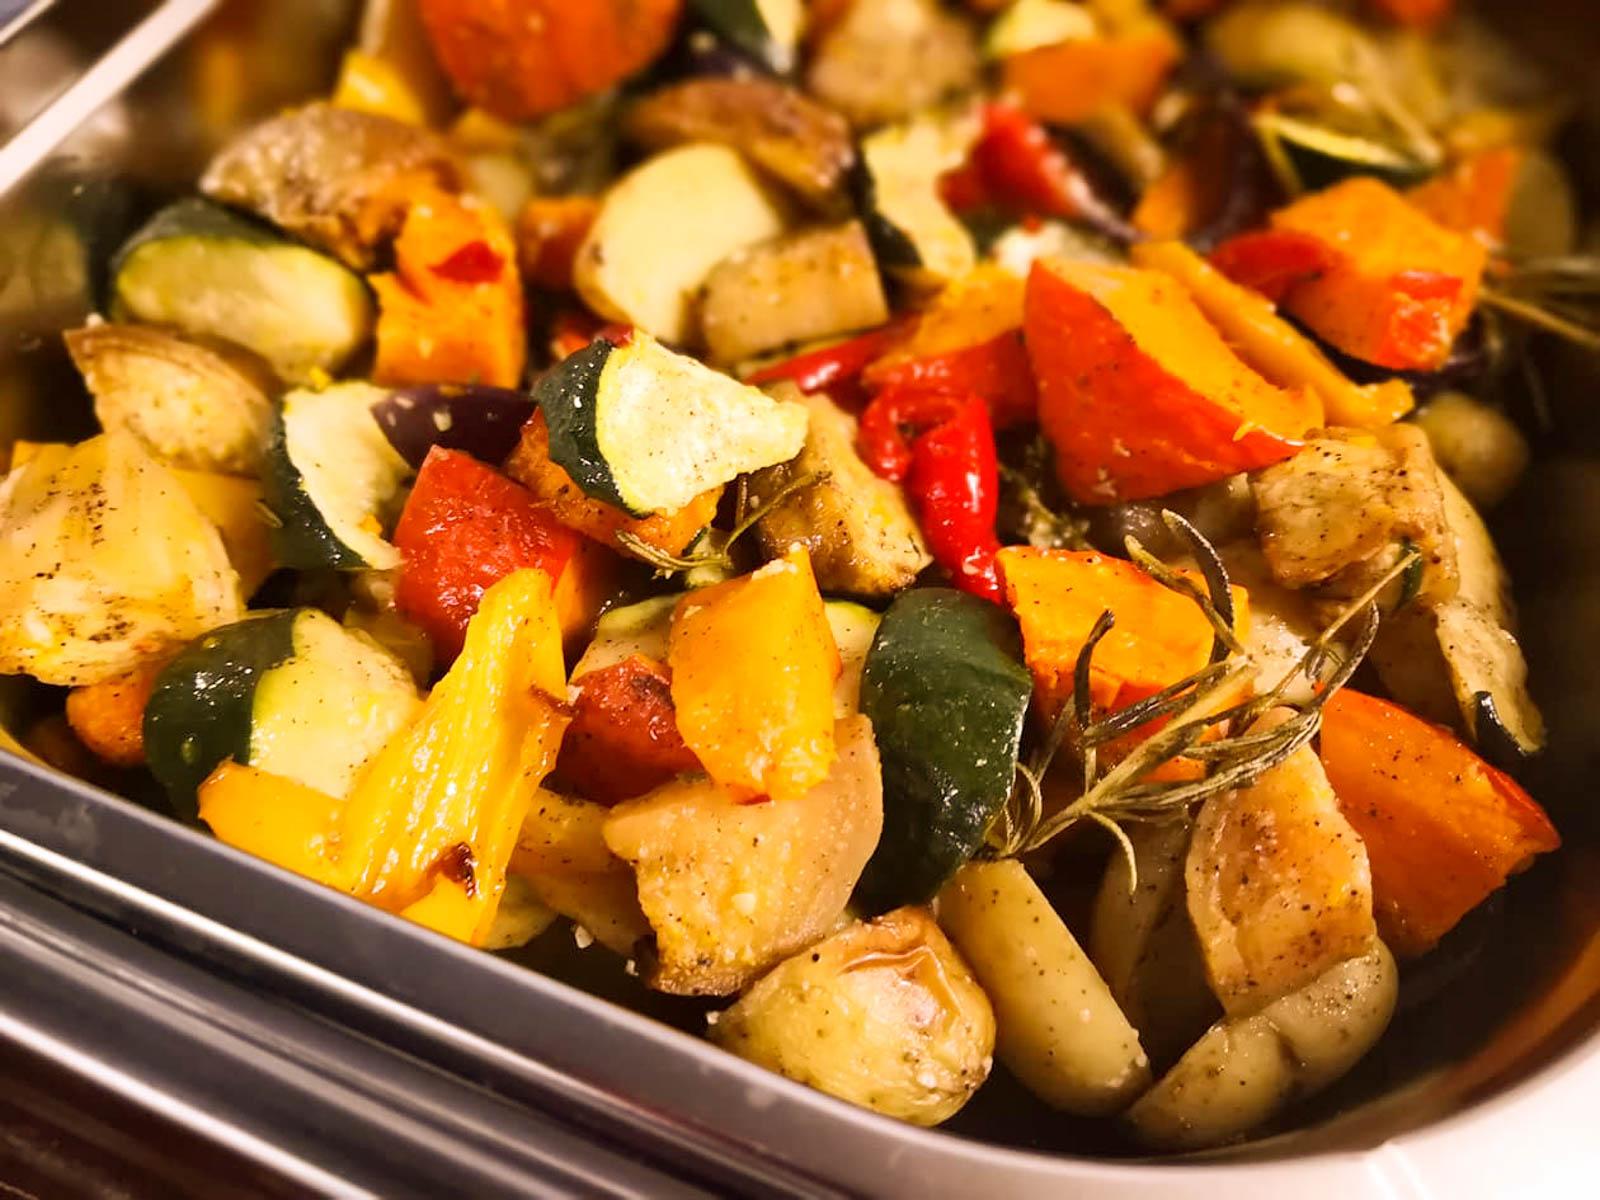 frisches Gemüse für das mediterrane Buffet